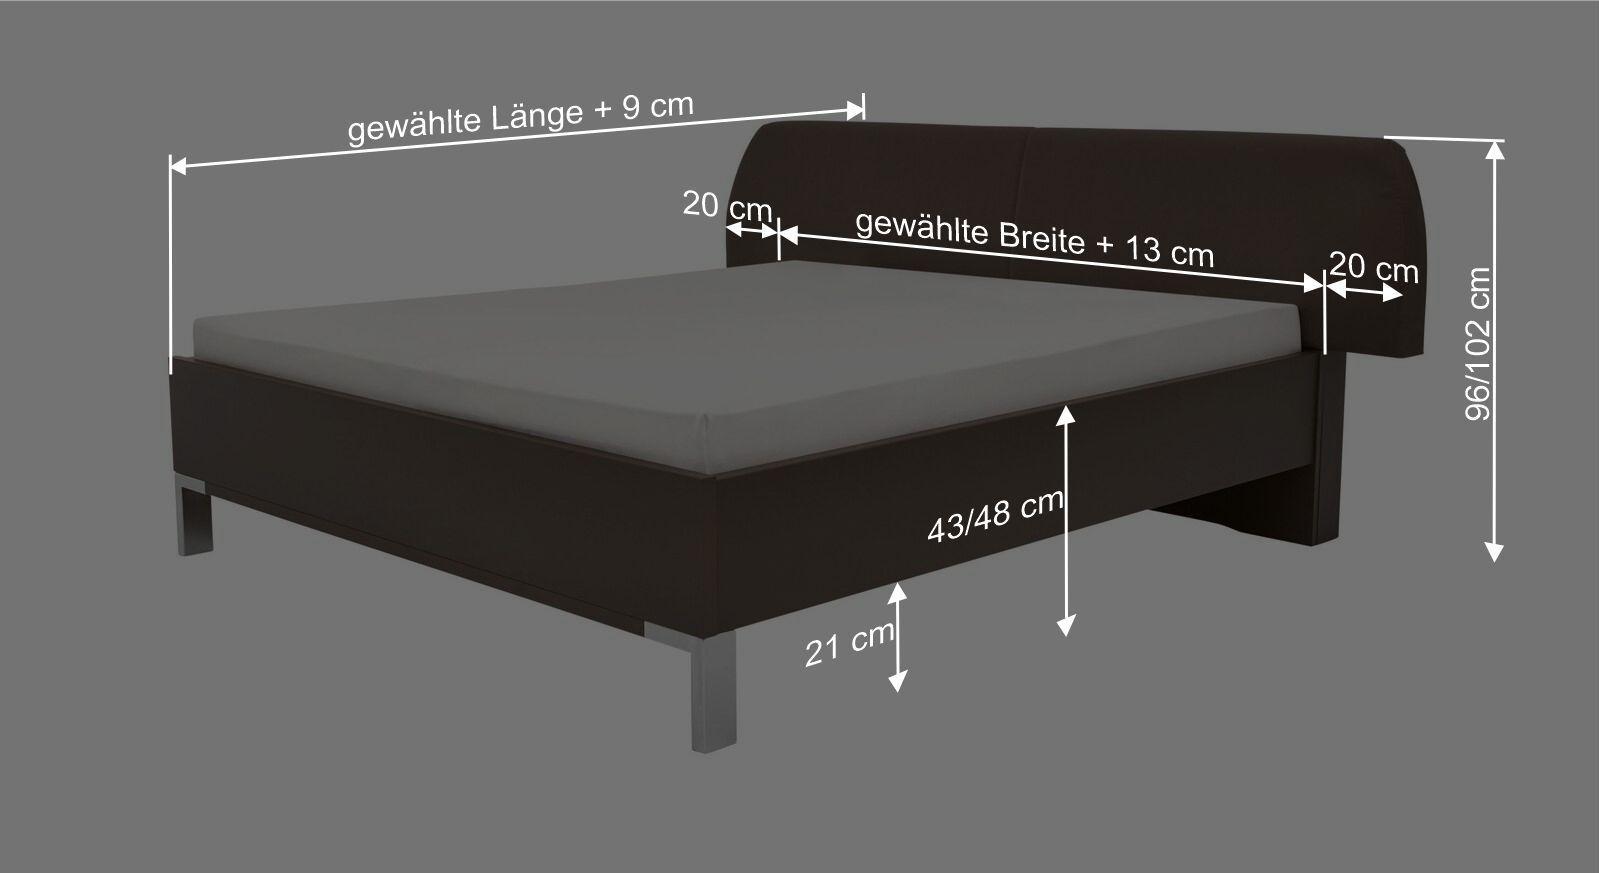 Bemaßungsgrafik zum Interliving Bett 1006